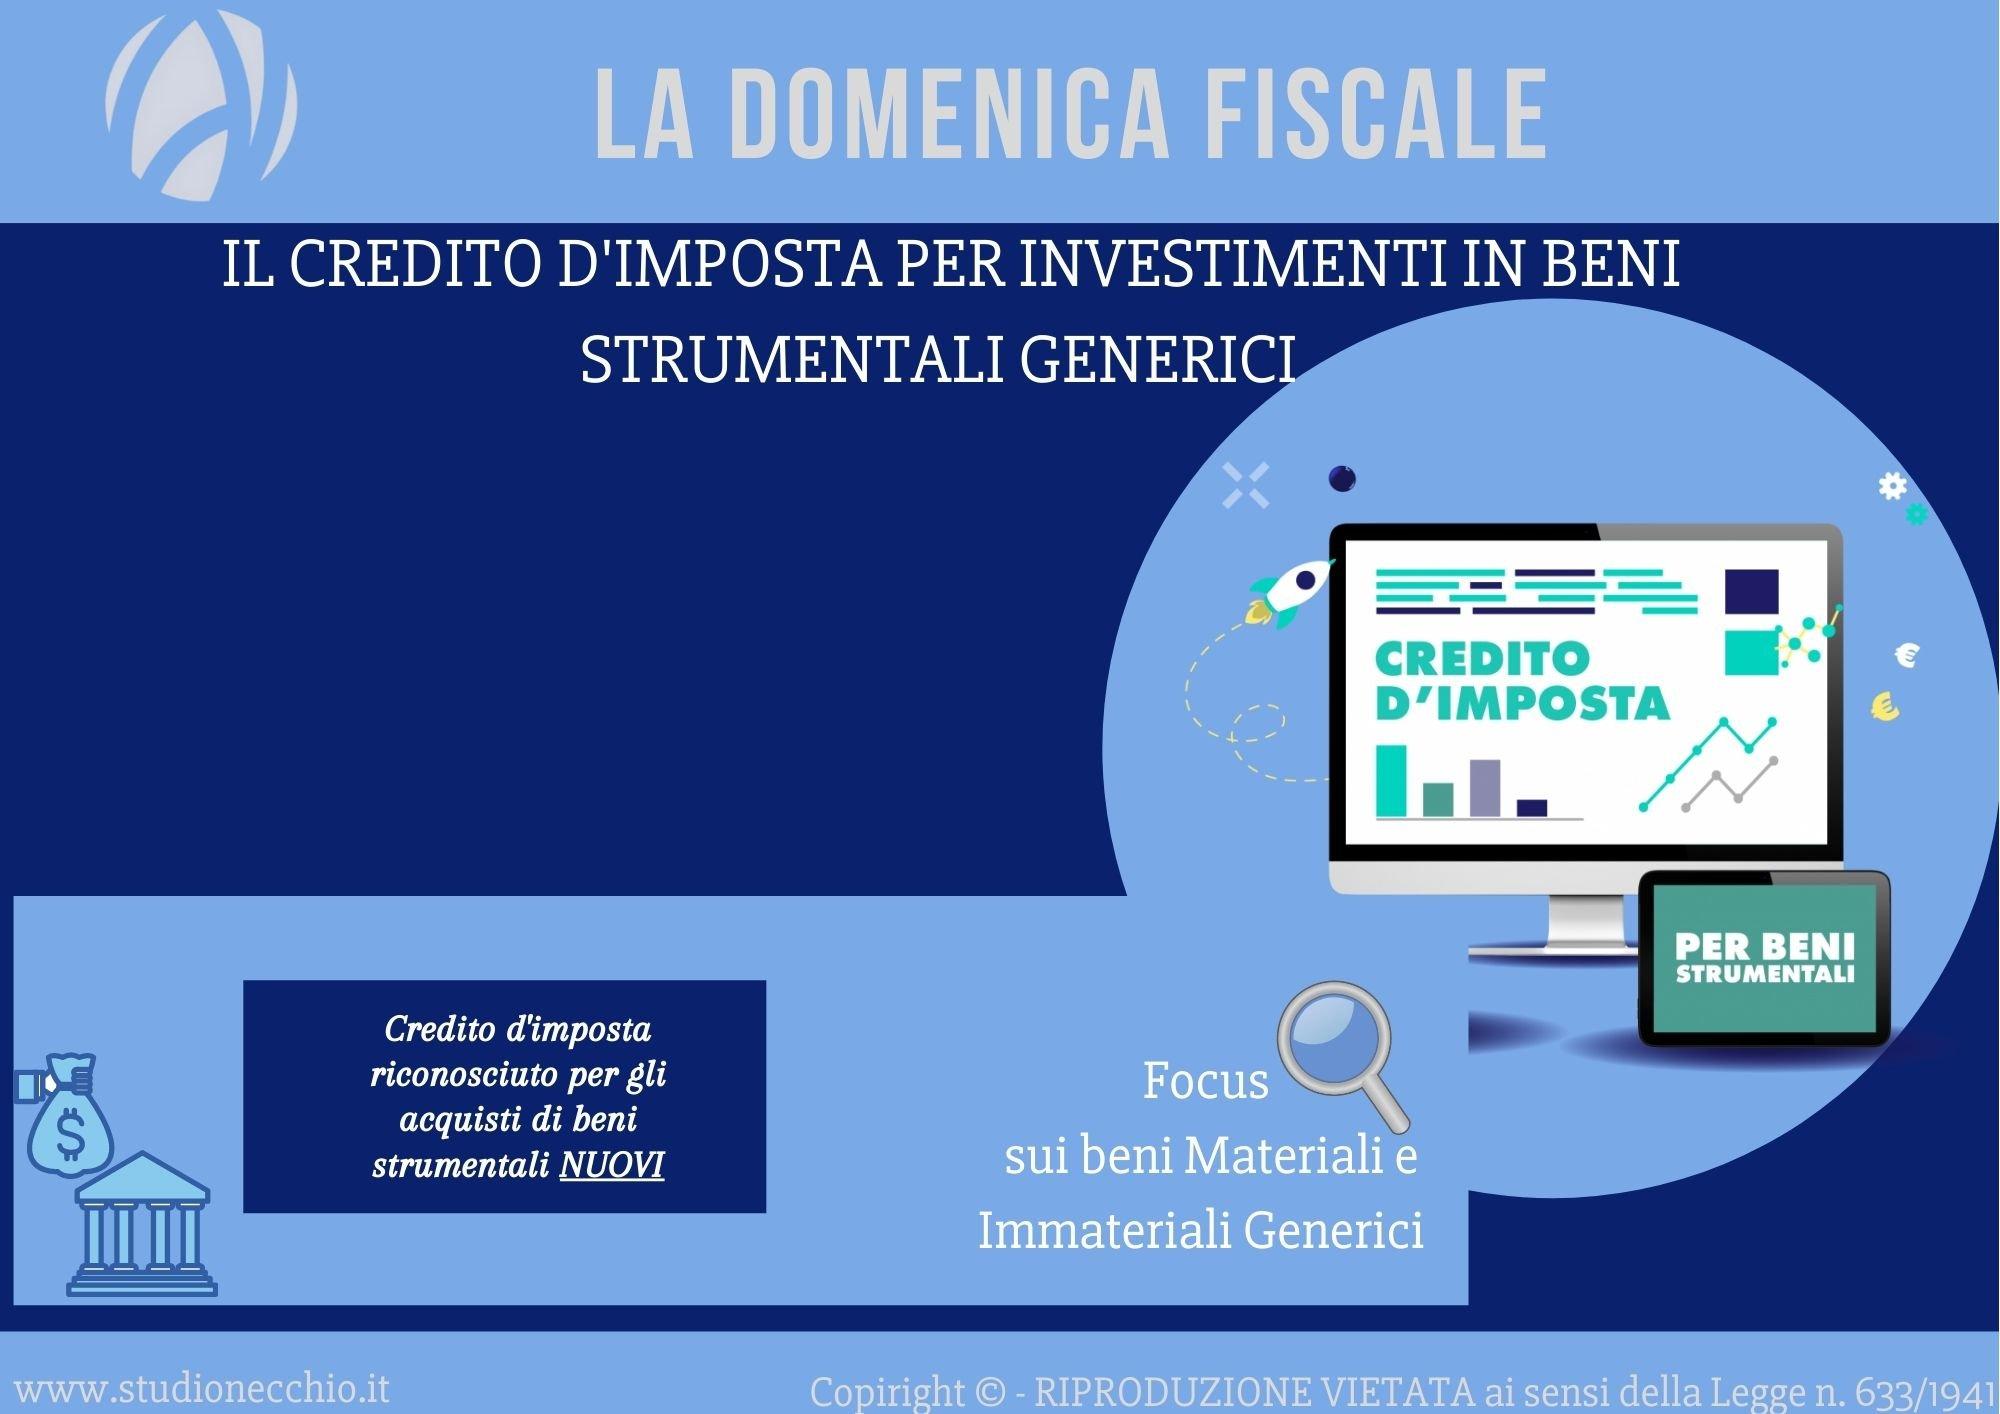 La Domenica Fiscale – Il credito d'imposta per investimenti in beni strumentali generici